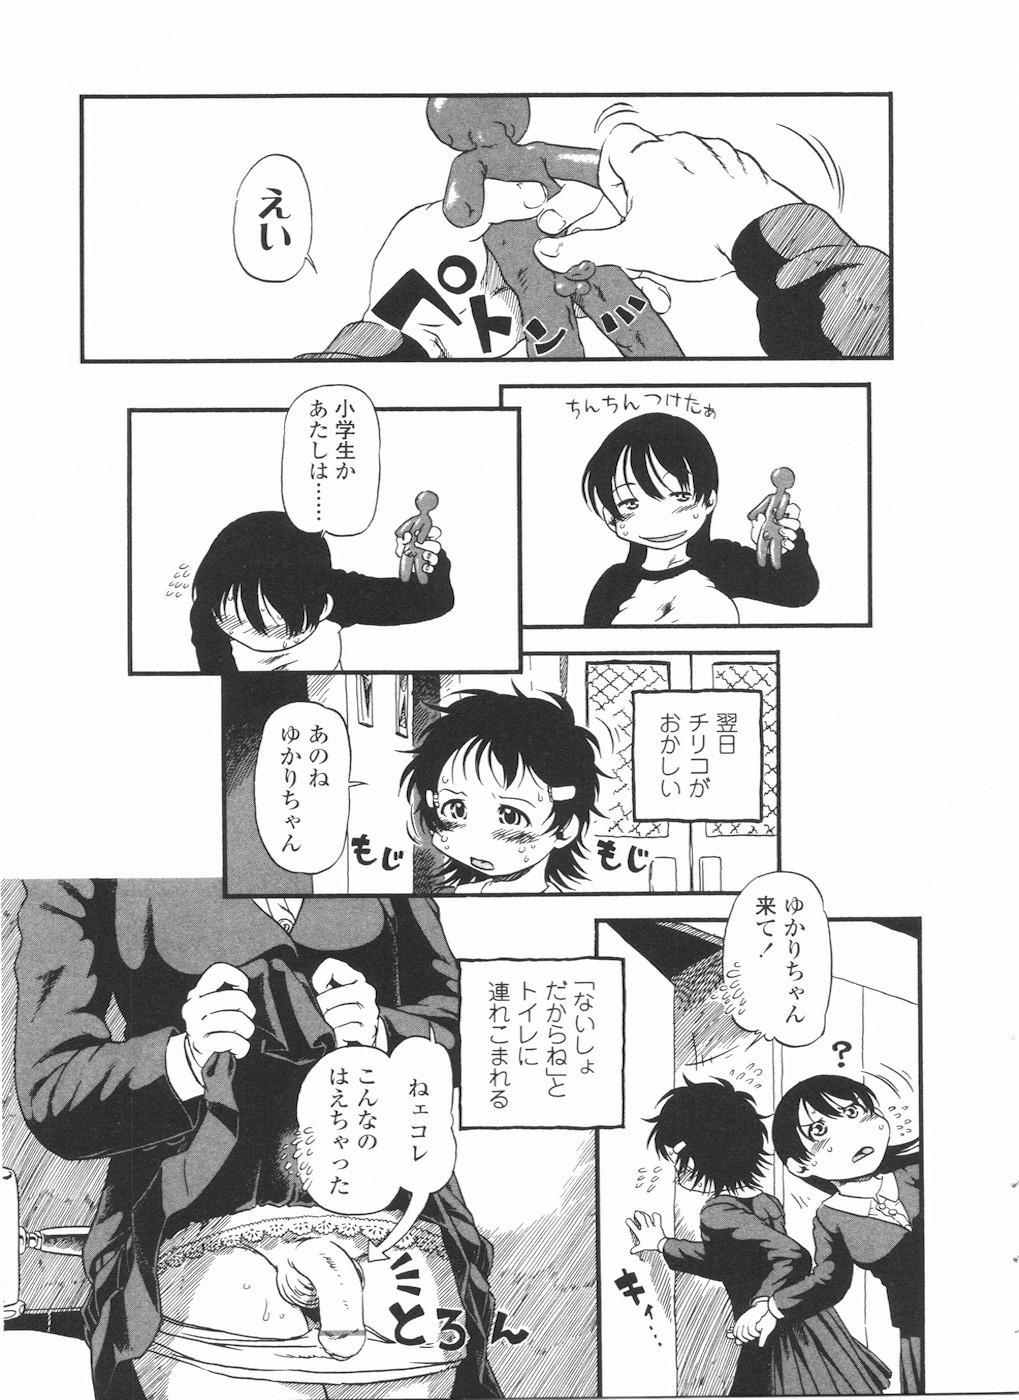 Futanarikko LOVE 11 130